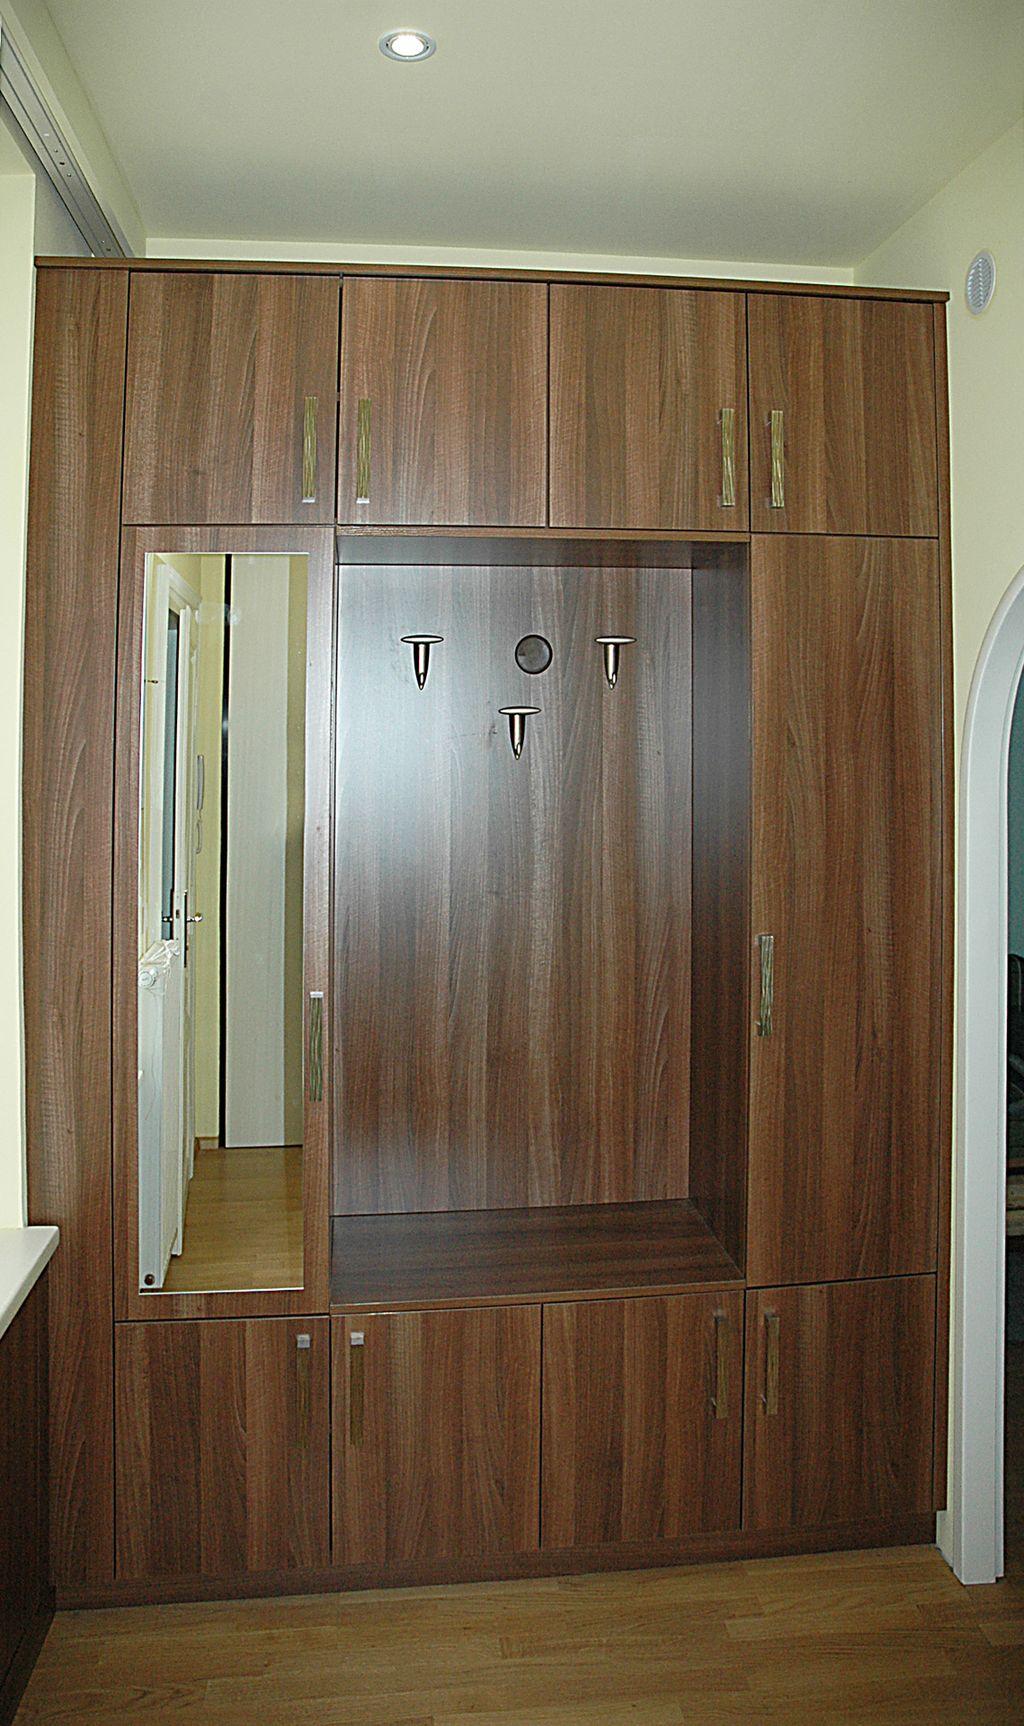 Vorzimmer mit Garderobe